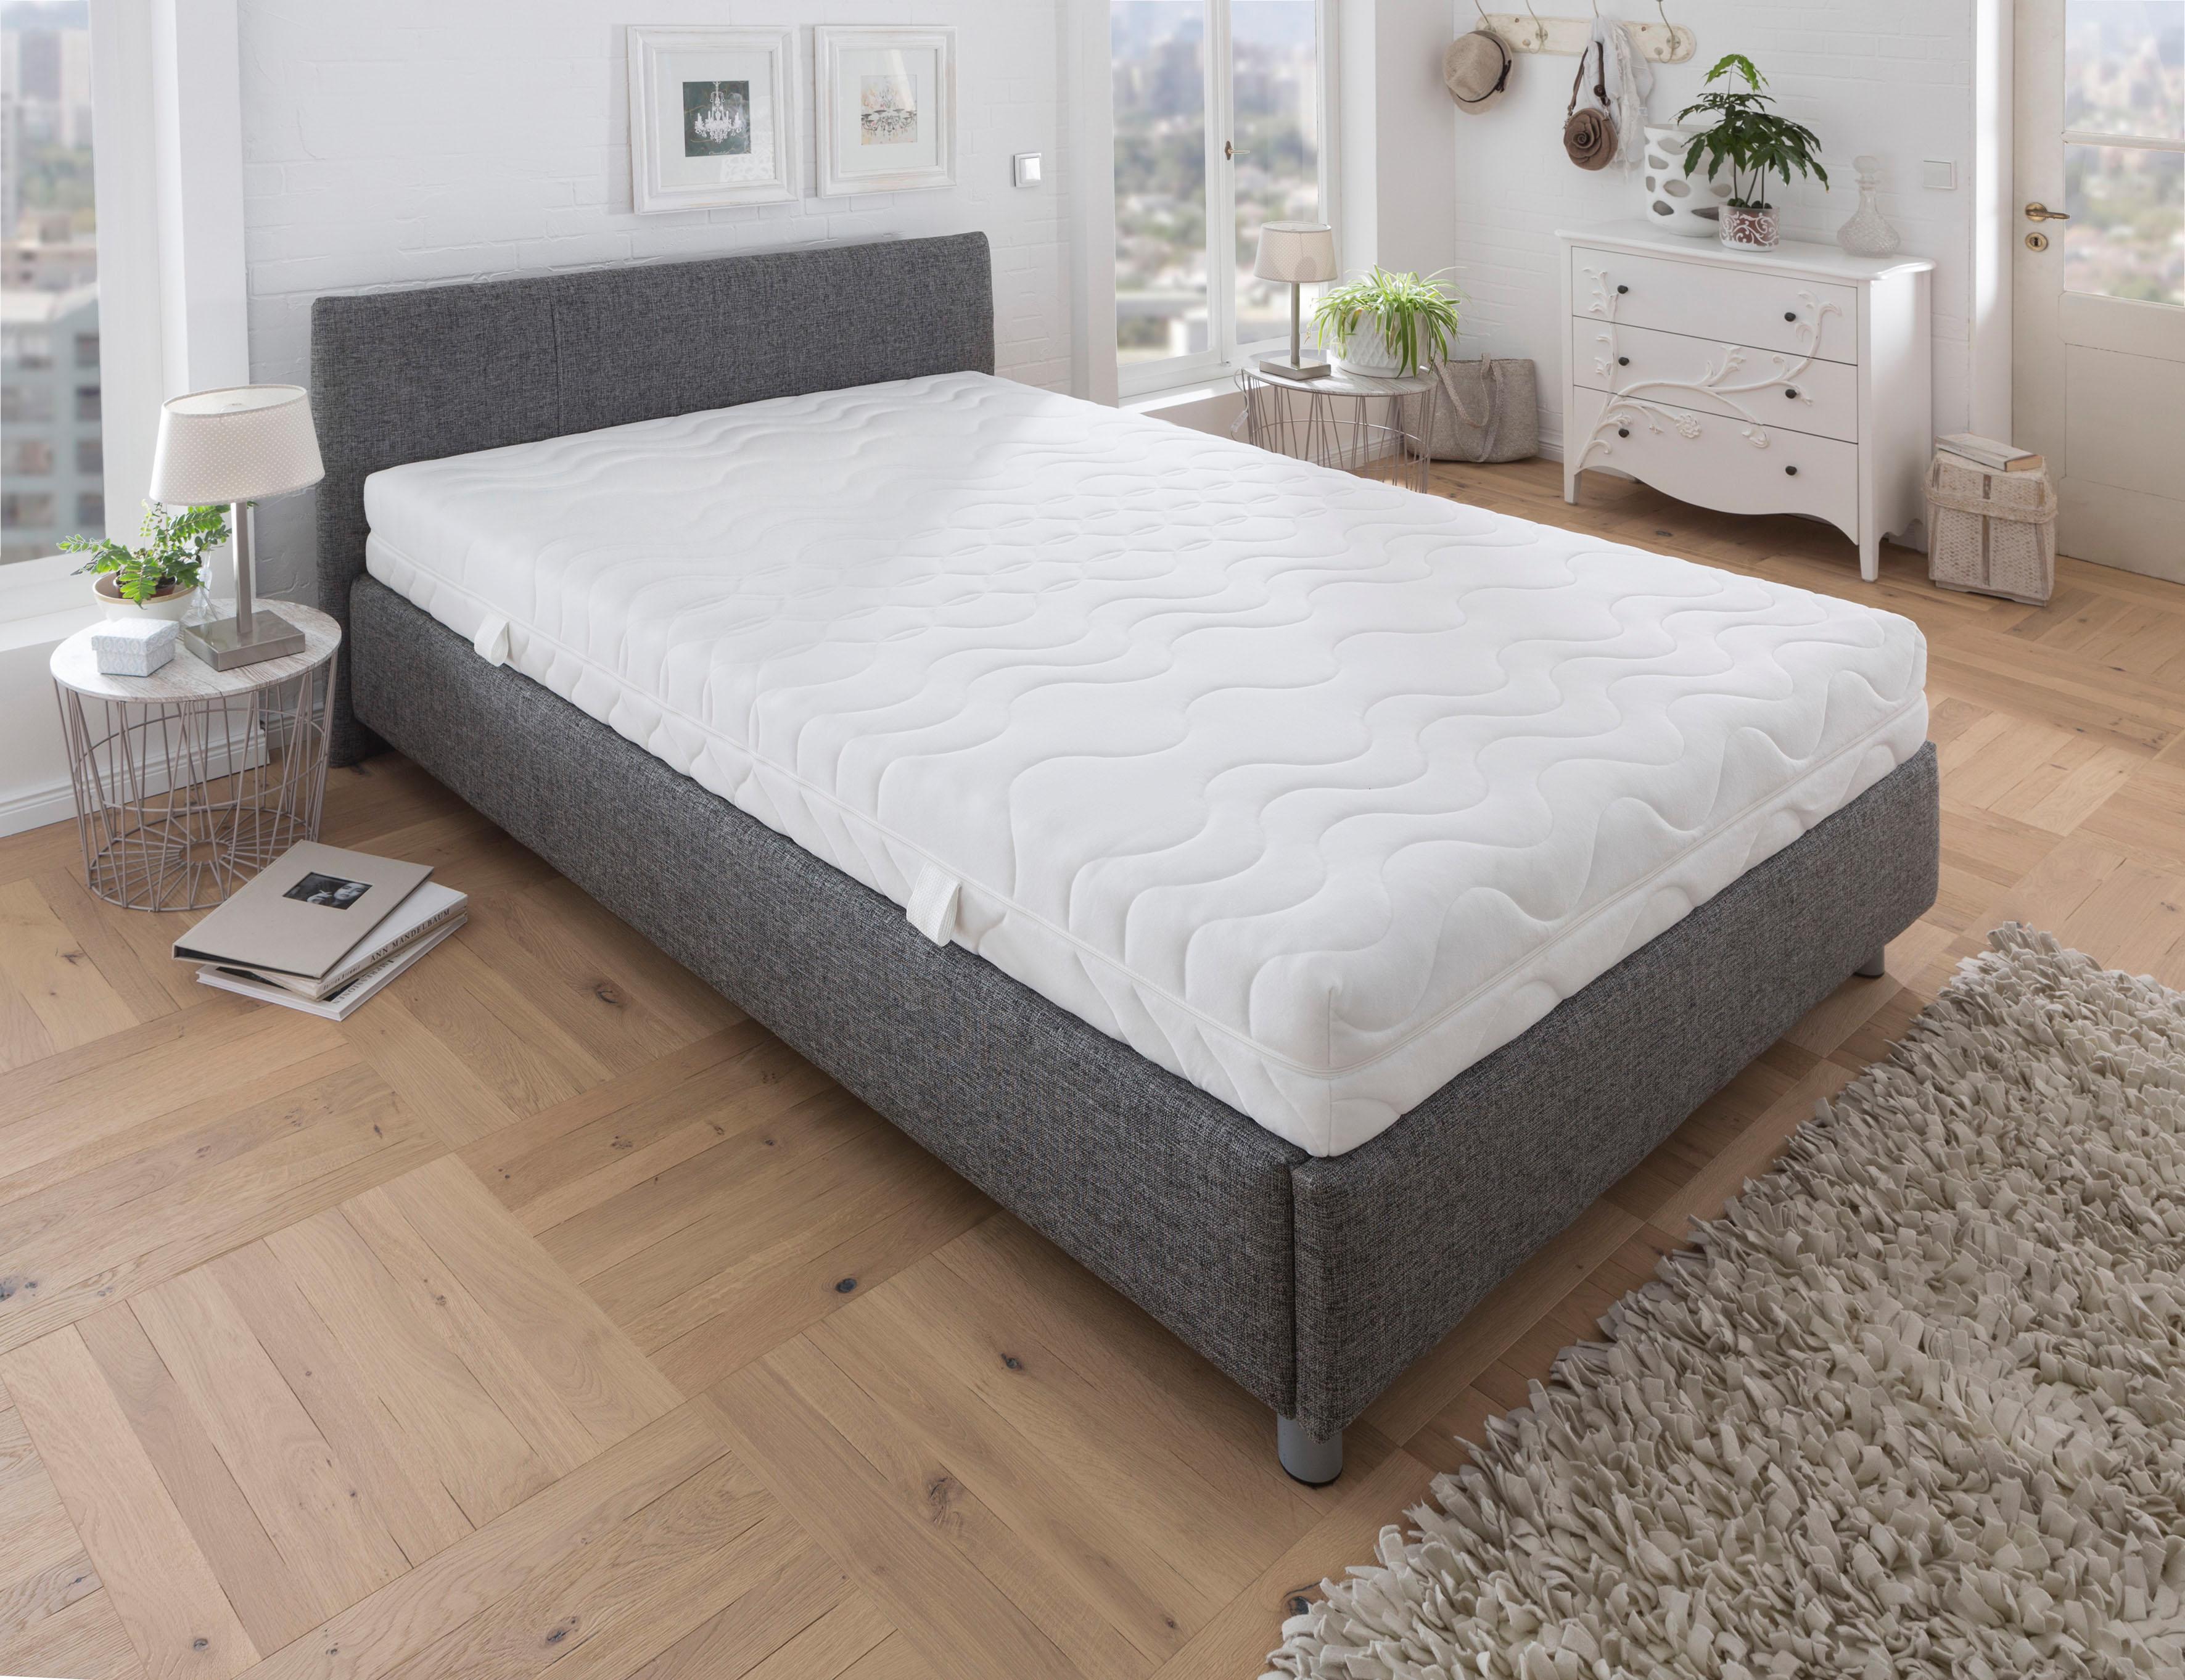 Komfortschaummatratze Luxus Flex Beco 20 cm hoch